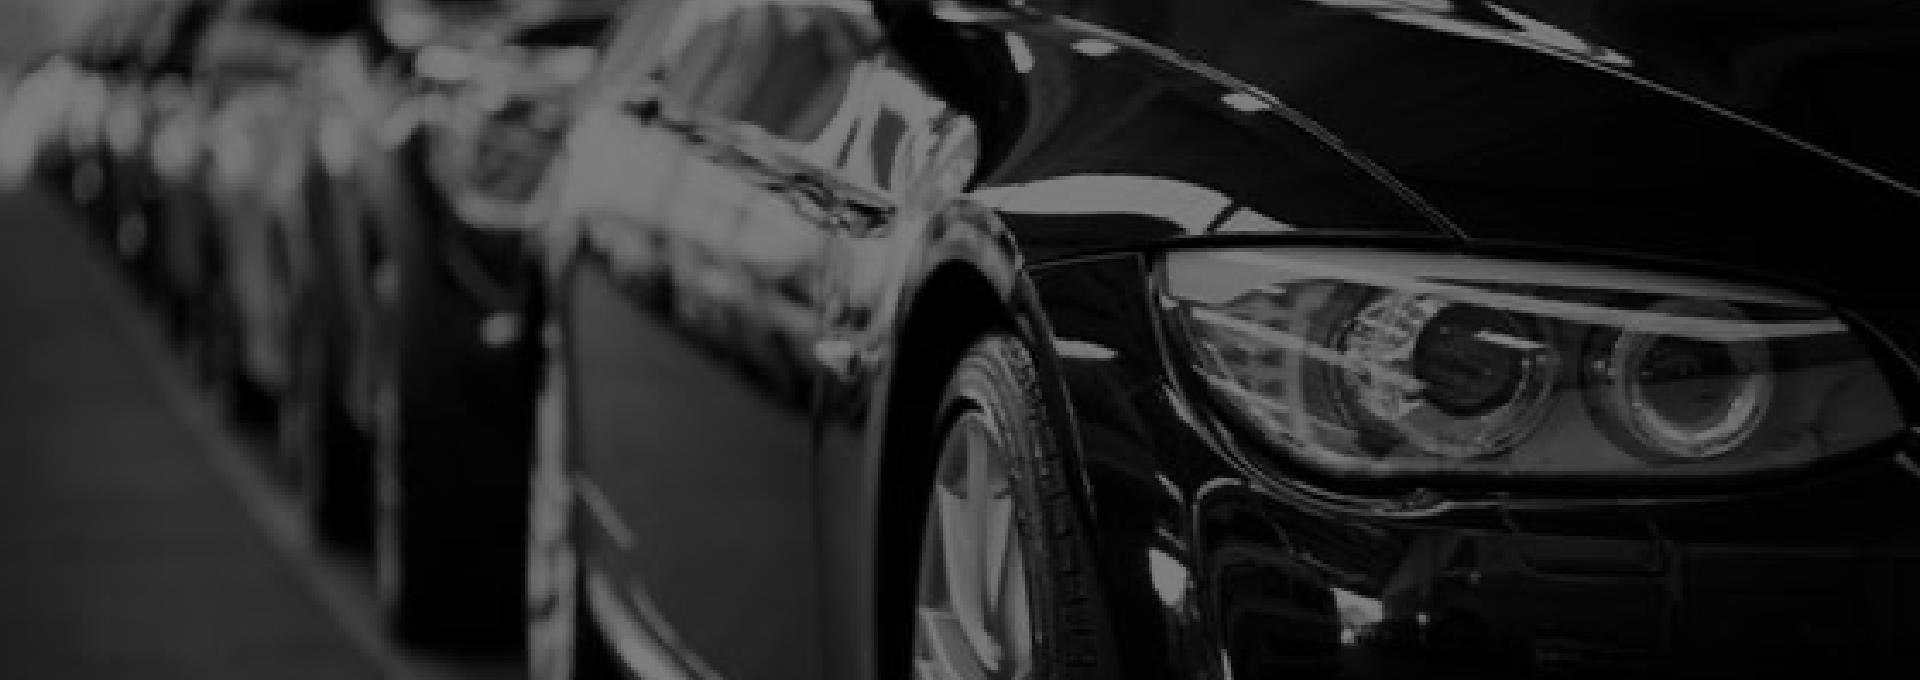 Automotive OEM Gets Accurate Video Labelling for Autonomous Vehicles